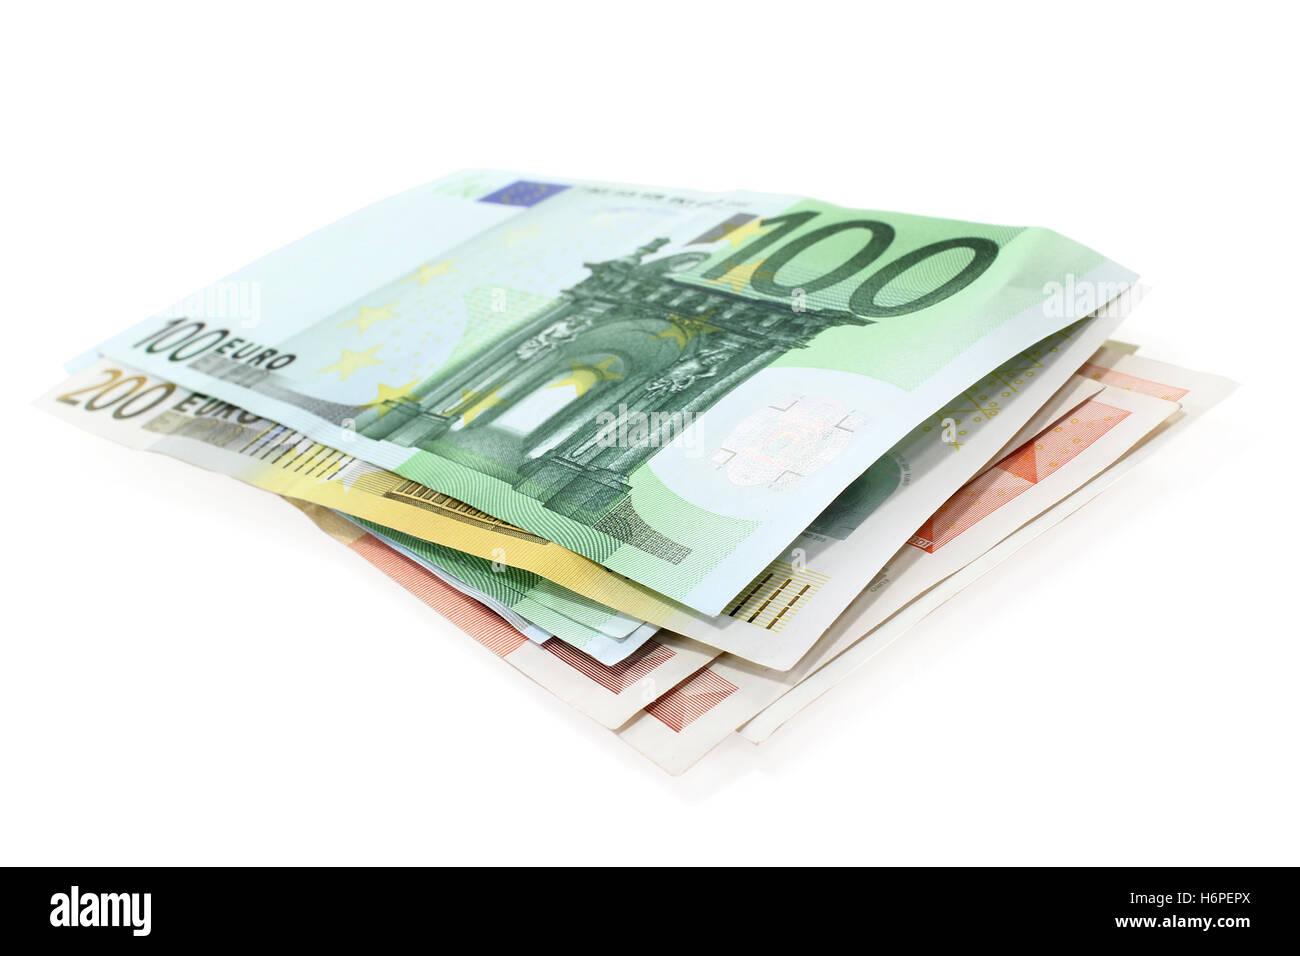 money finances - Stock Image